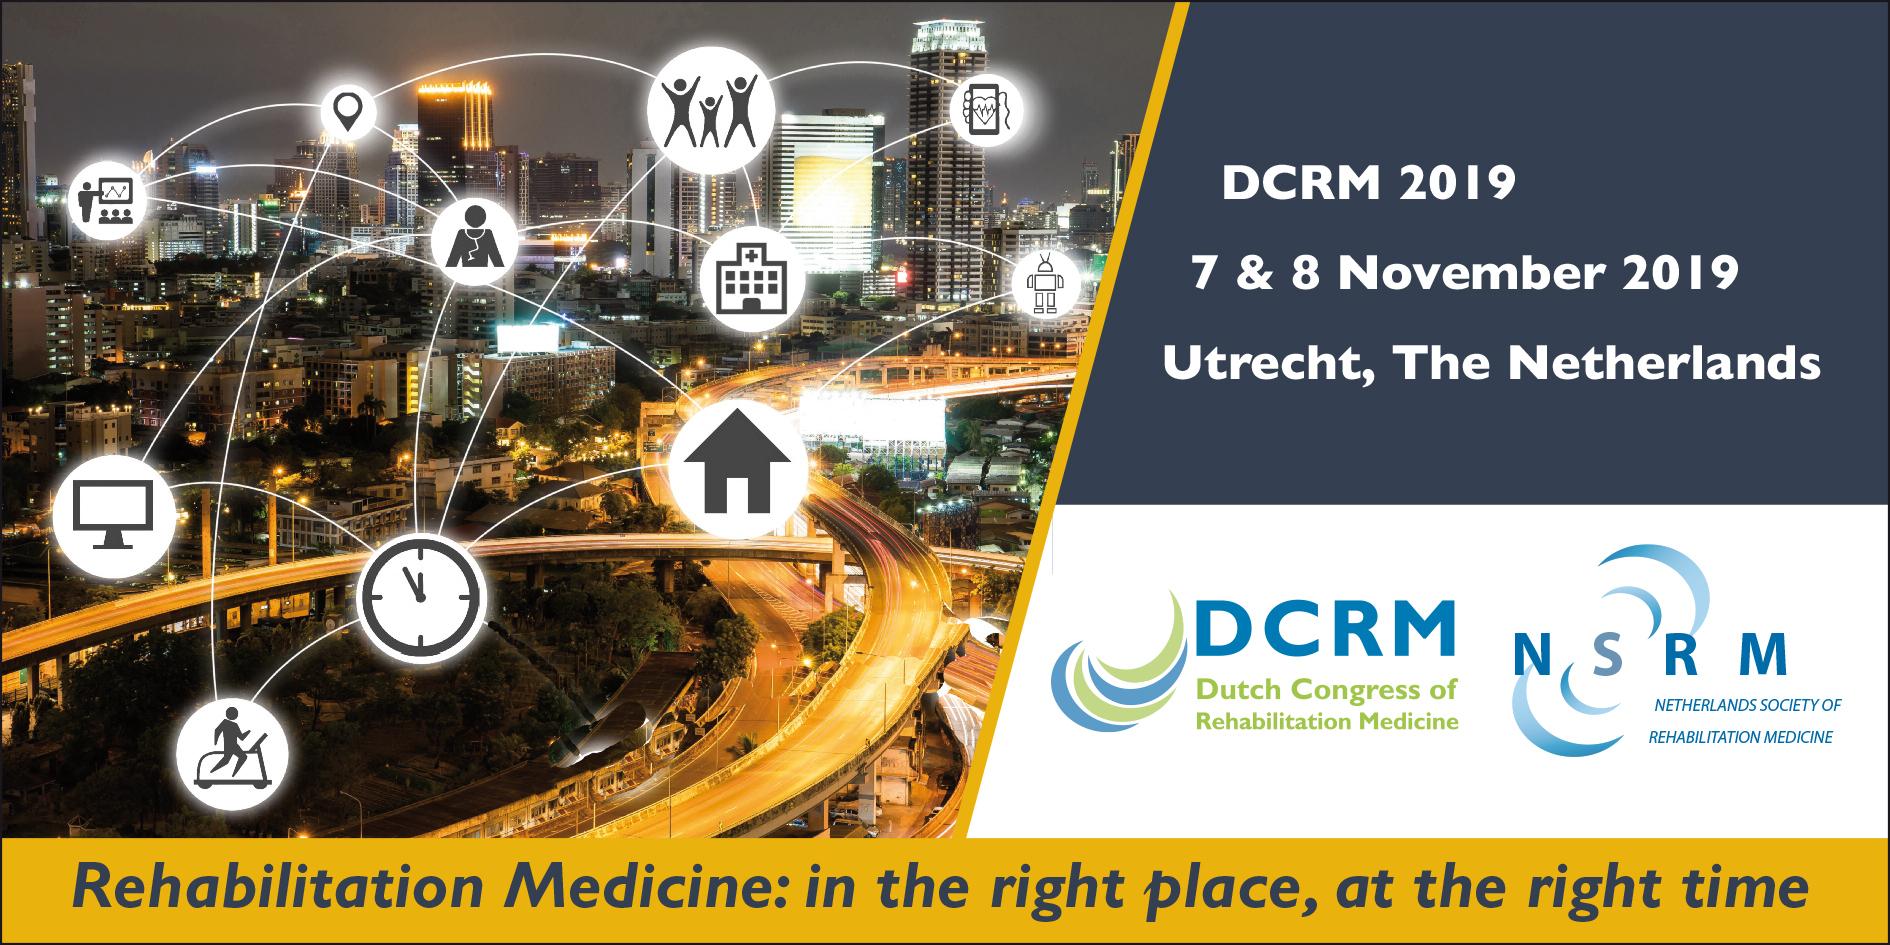 DCRM 2019